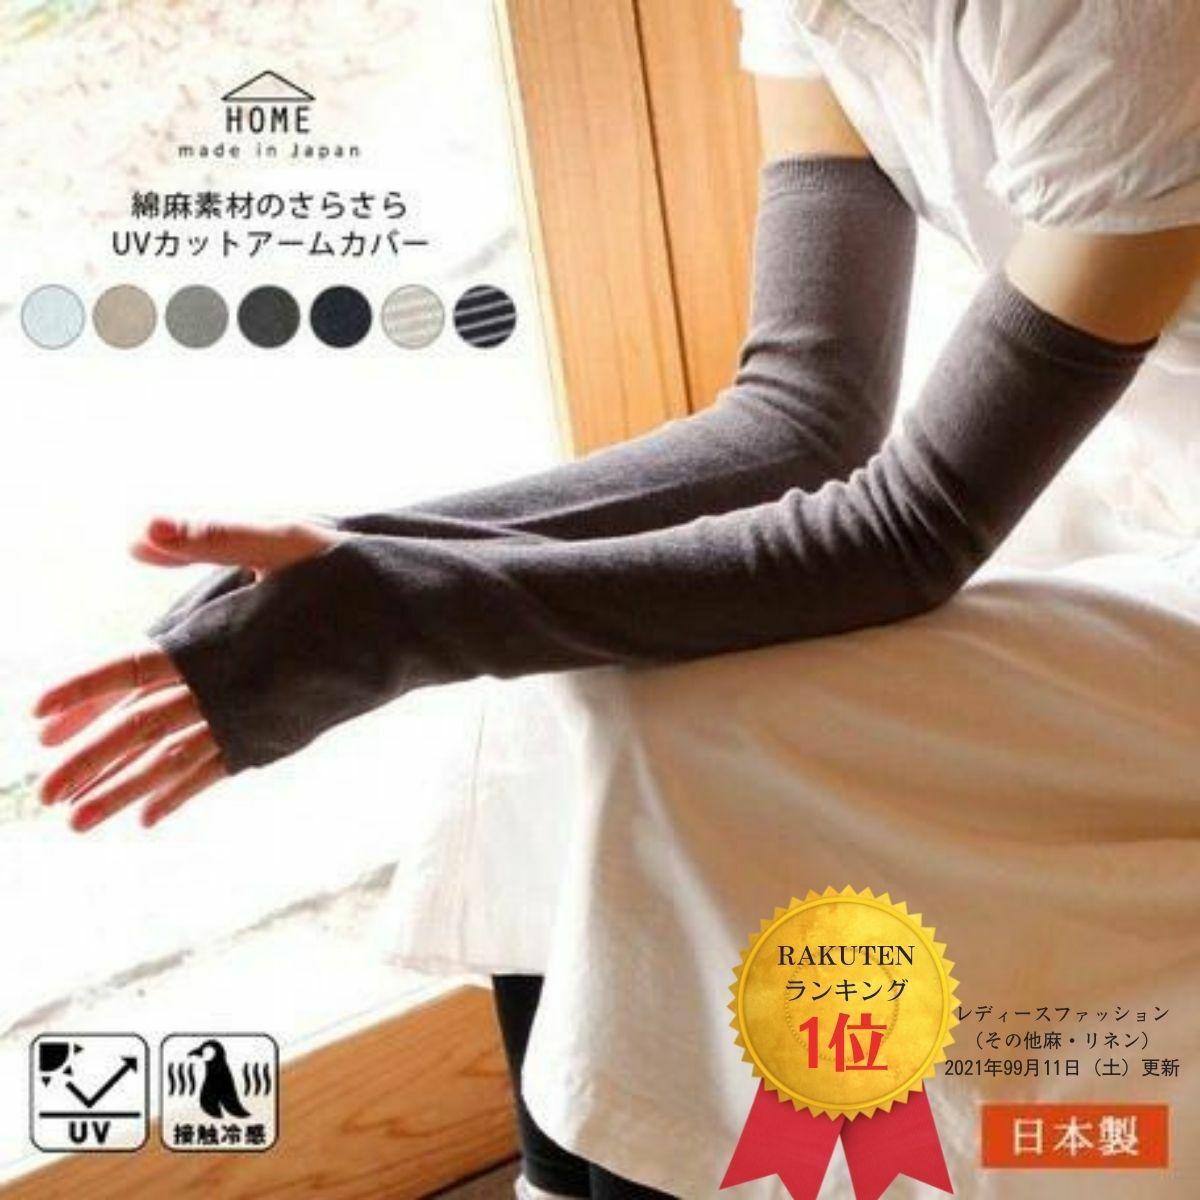 天然素材である 綿 と 麻 SALE開催中 を使用したこれからの季節にぴったりのさらさらアームカバーです 日本製 綿麻素材のさらさらアームカバー コットン 冷感加工 新作続 送料無料 2021ss 抗菌防臭 UV加工